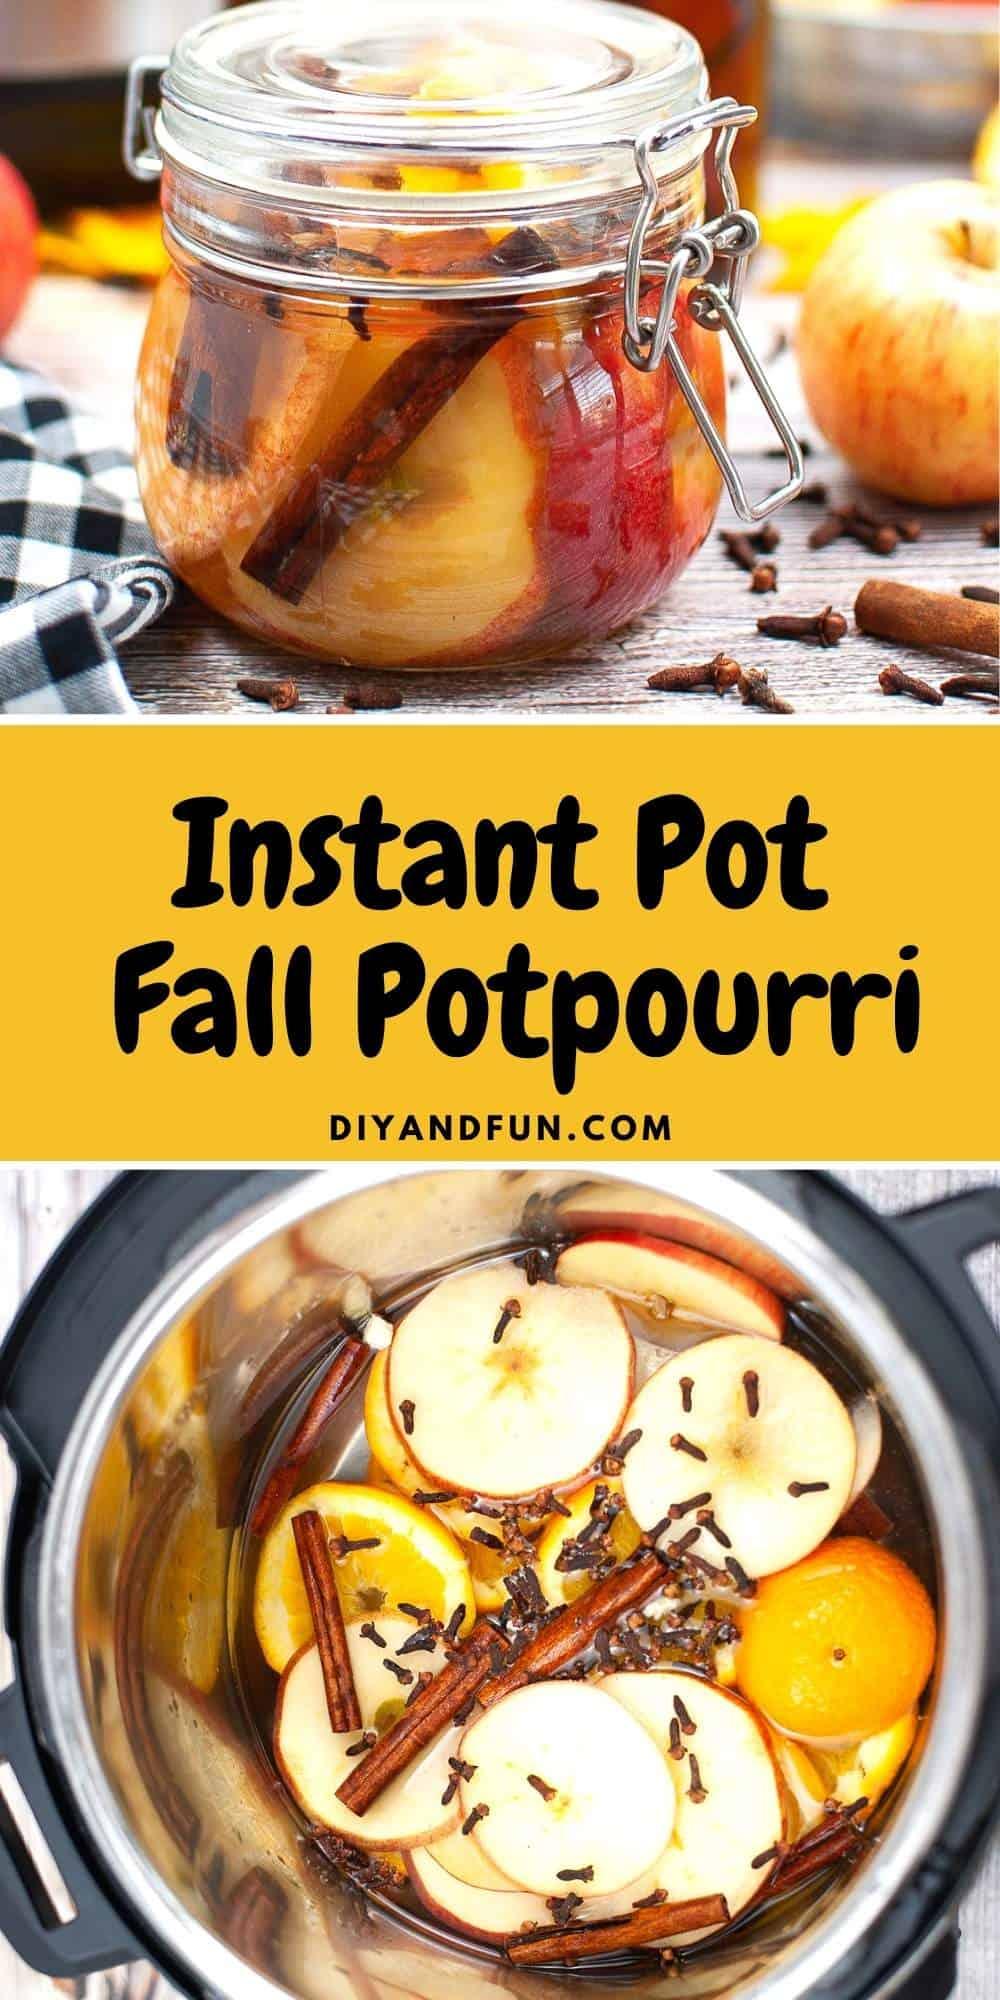 Homemade Instant Pot Fall Potpourri